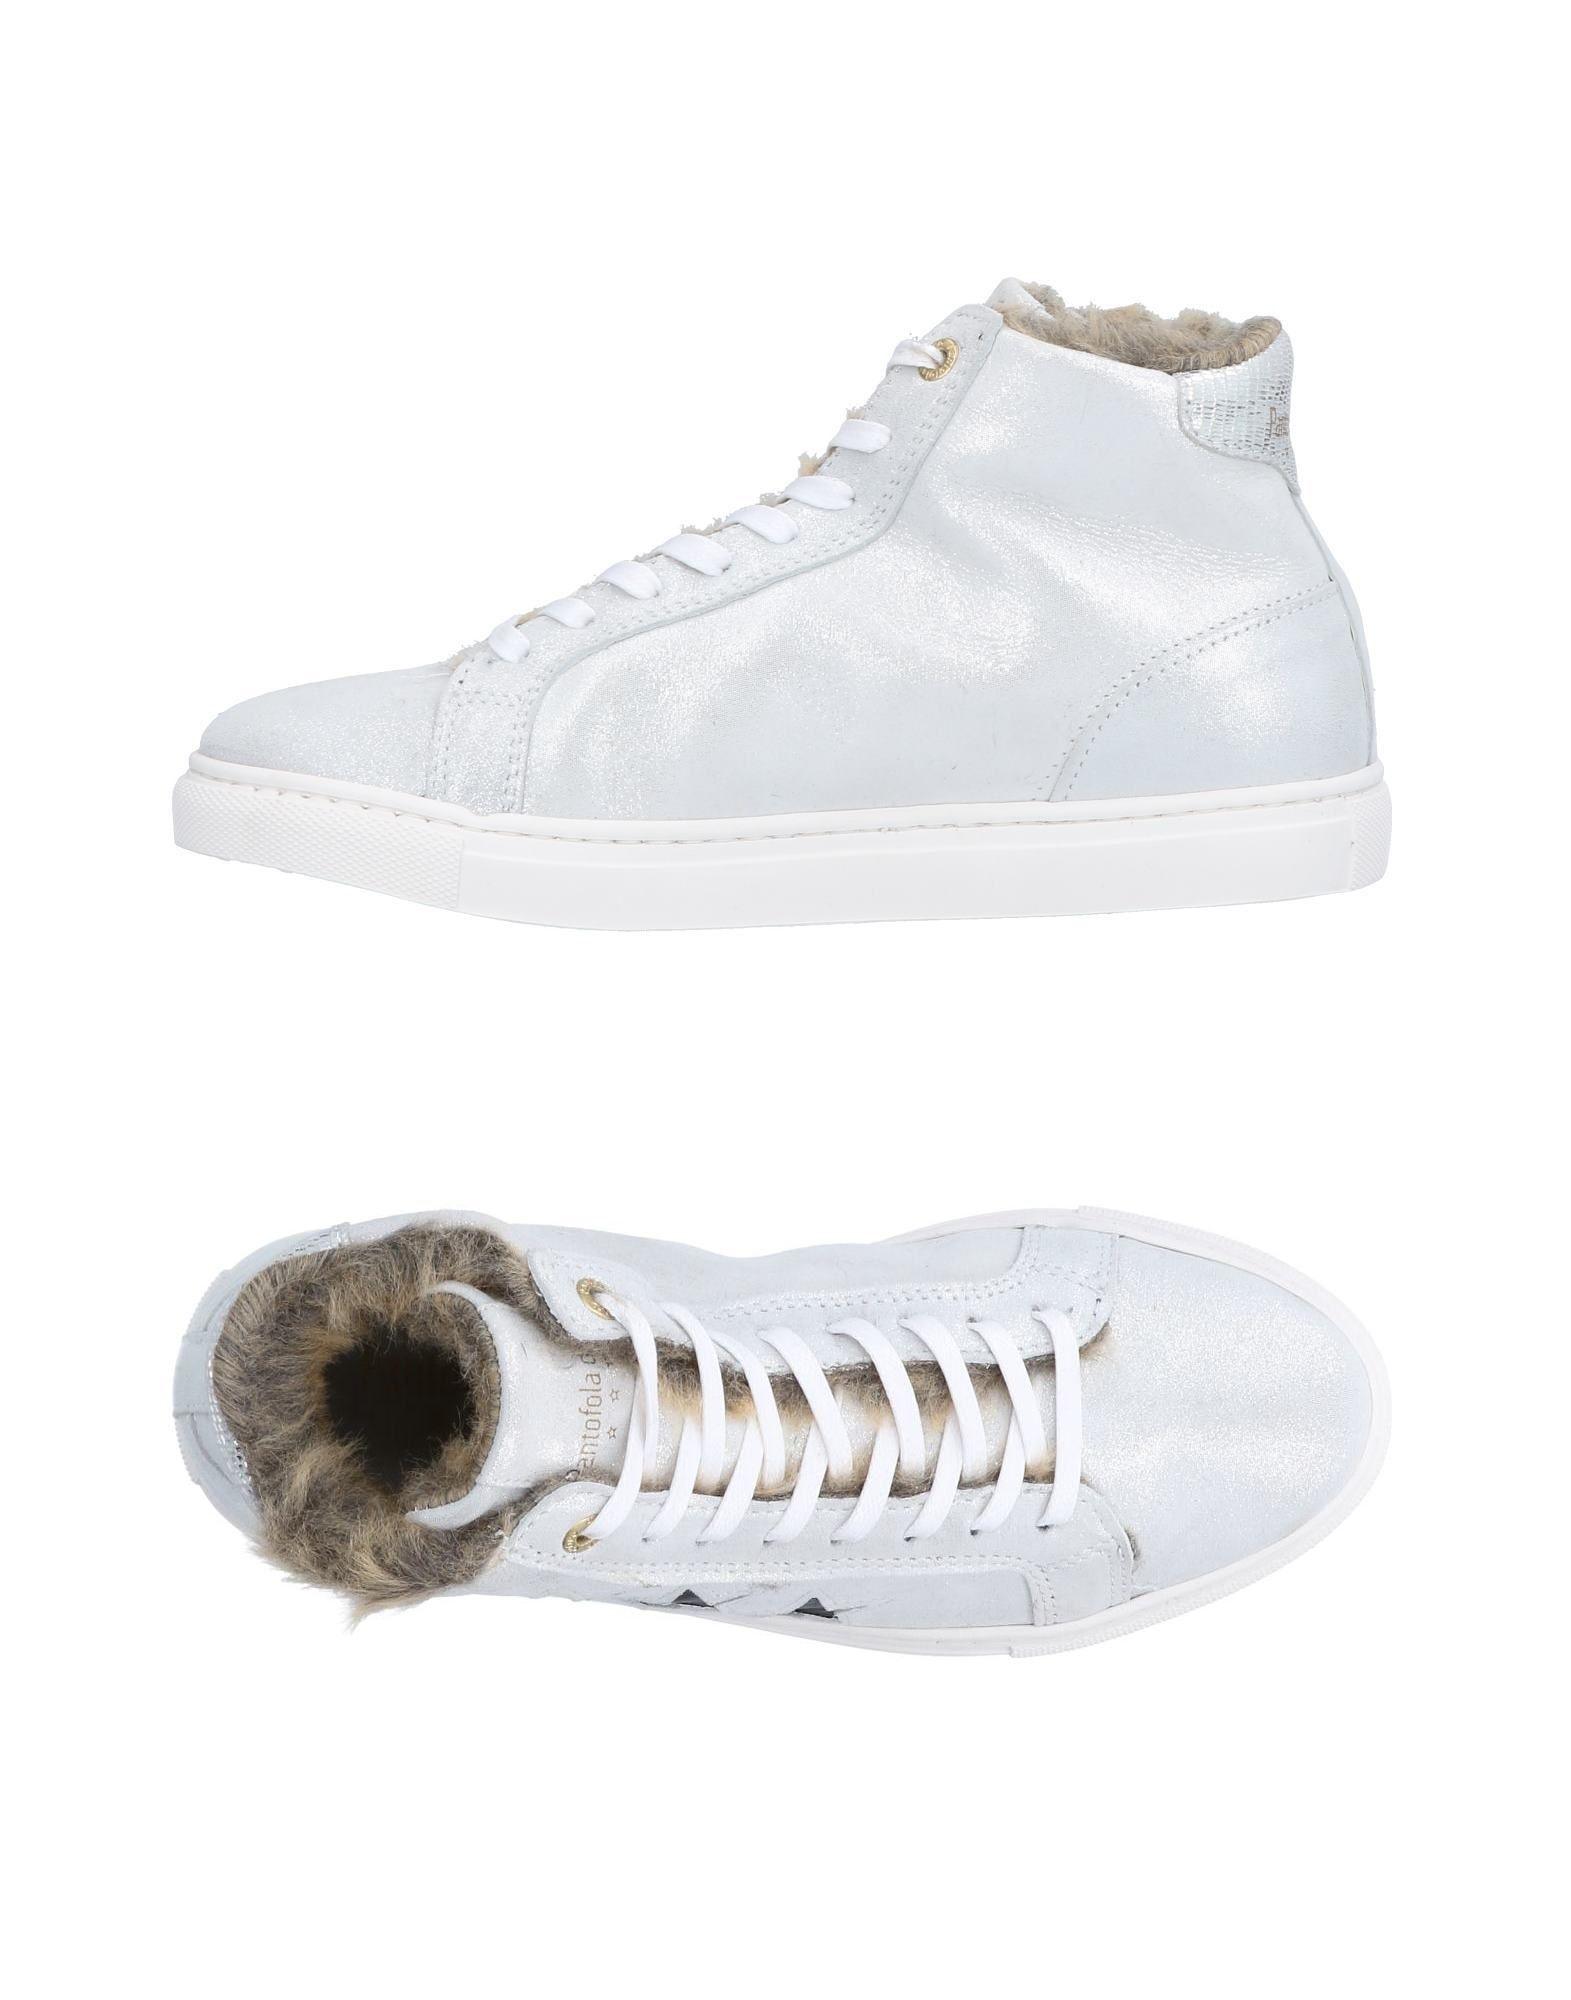 Pantofola D'oro  Sneakers Damen  11456441LH  D'oro 86c7e7